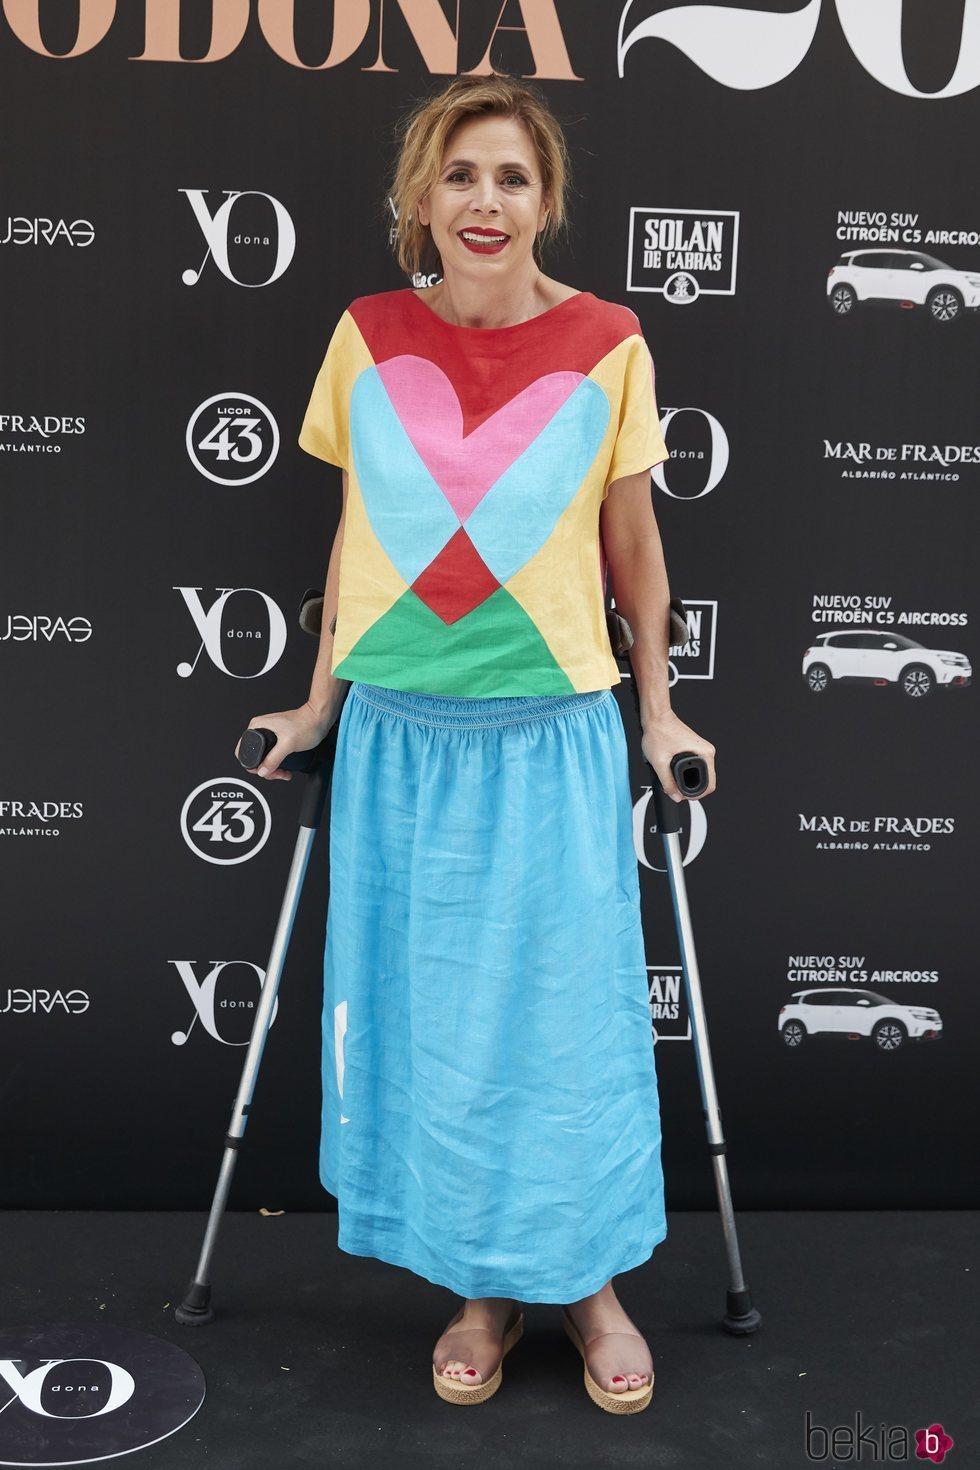 Ágatha Ruiz de la Prada en la 14ª edición de los premios Yo Dona Internacional